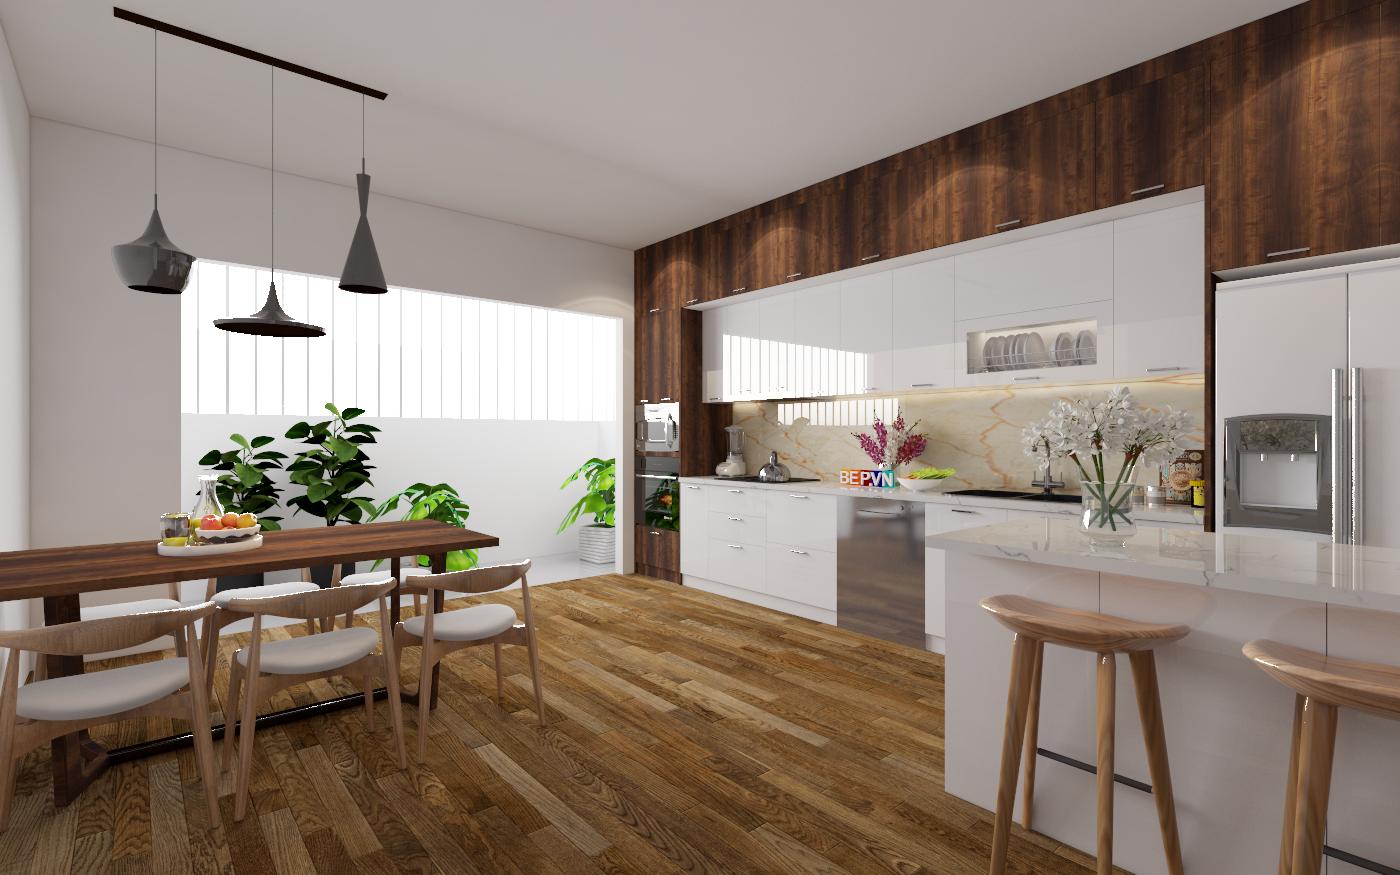 sàn gỗ công nghiệp có vân gỗ đẹp và màu sắc phong phú